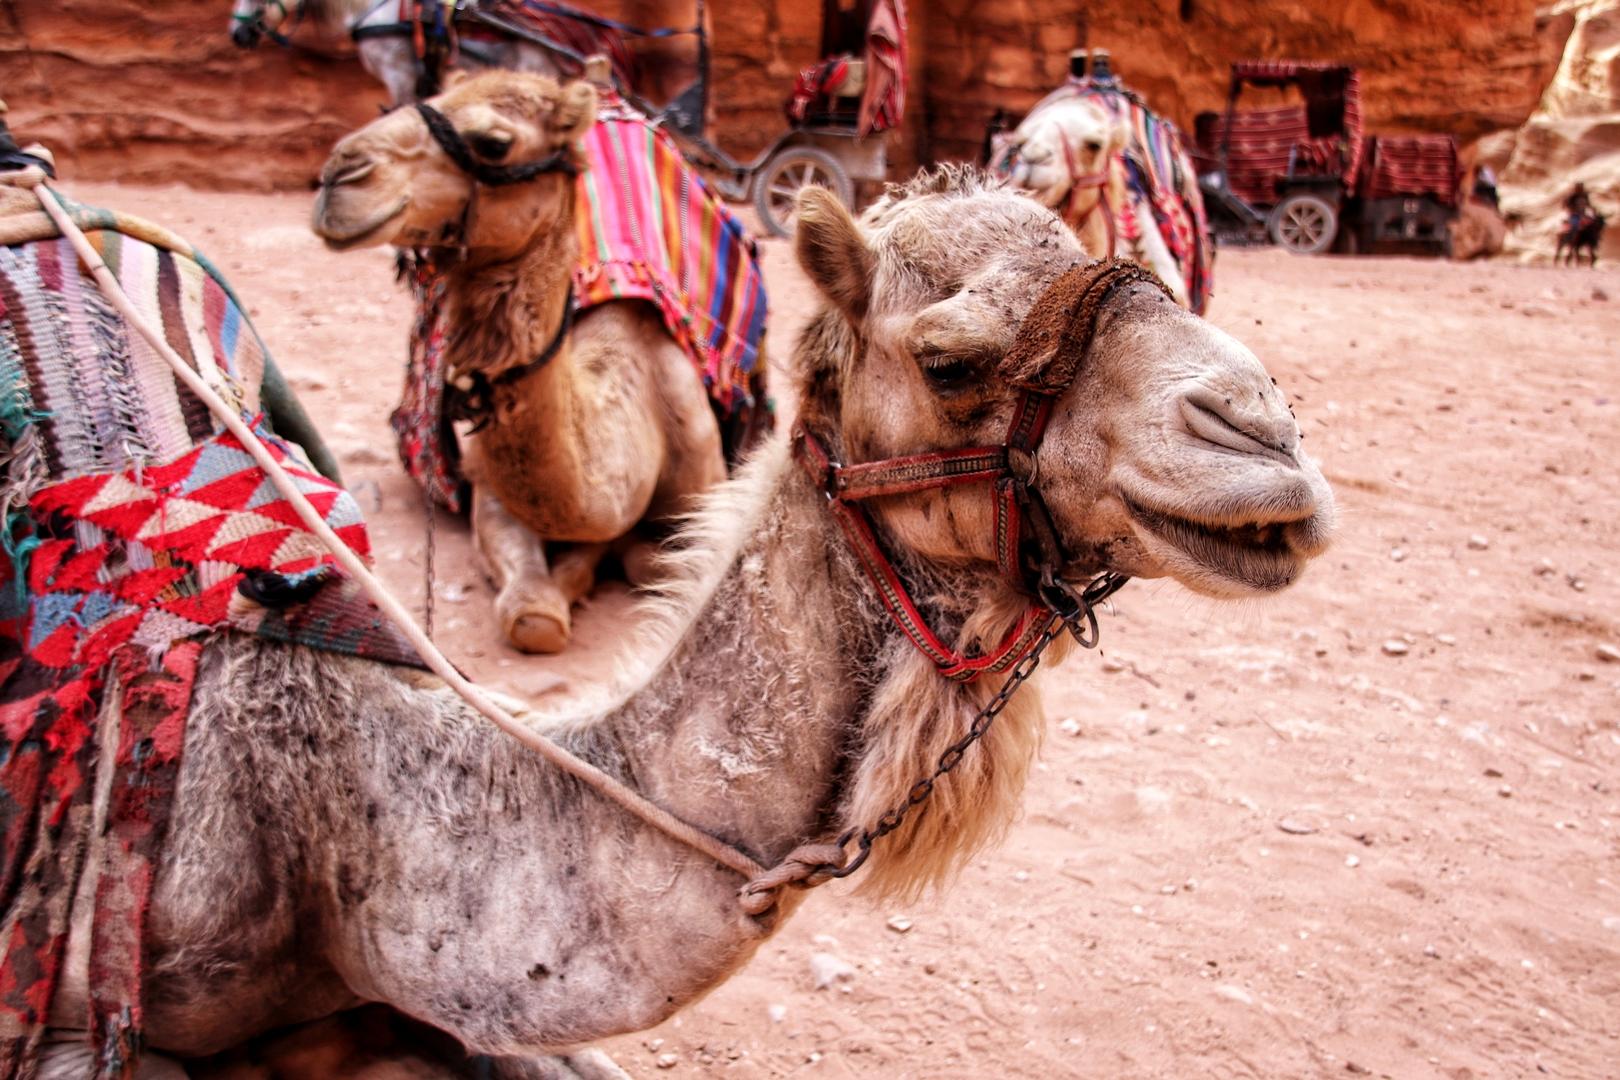 Jordanie - Les chameaux au pied du khazneh / trésor, monument principal du site de Petra